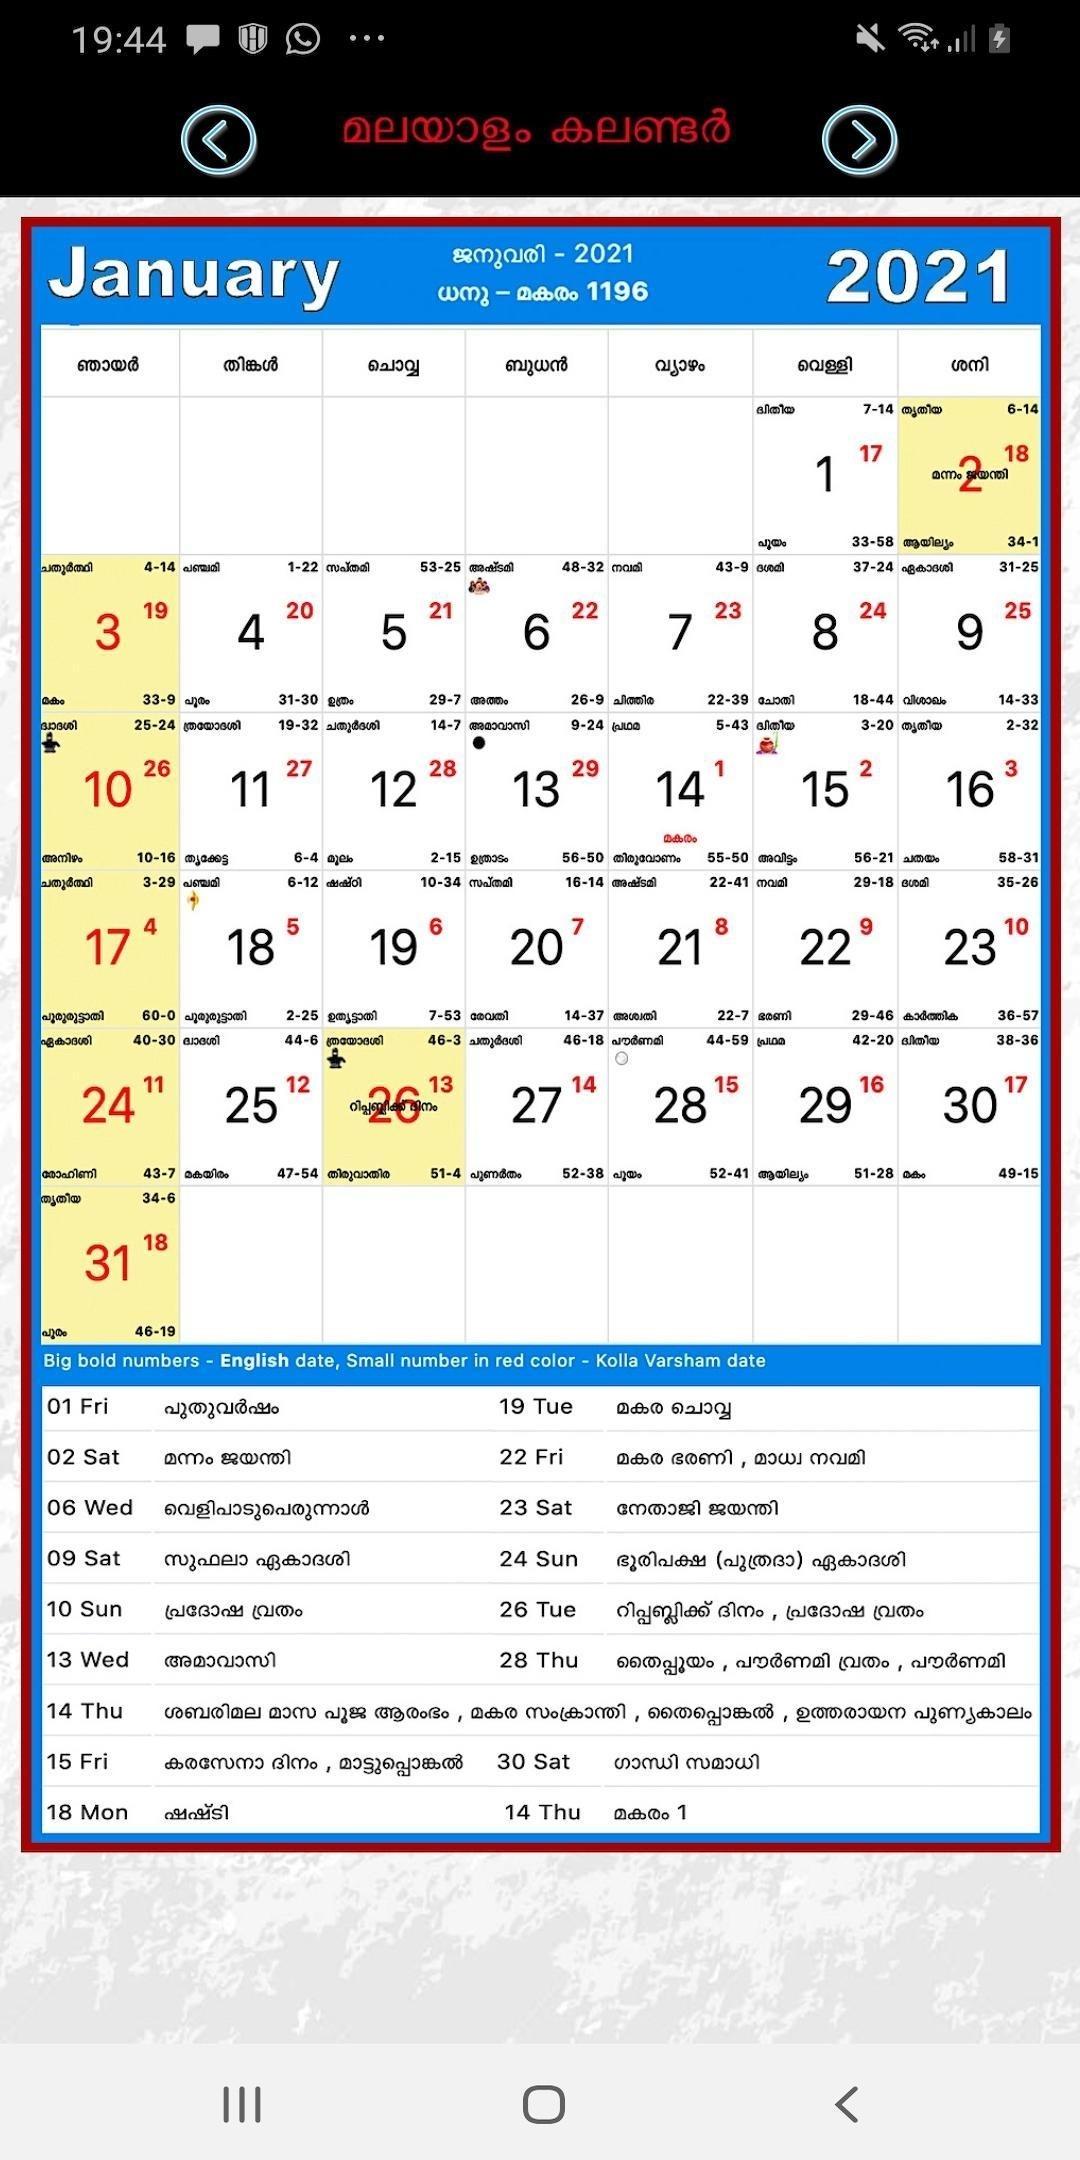 Malayalam Calendar 2021 For Android - Apk Download  Manorama Calendar 2021